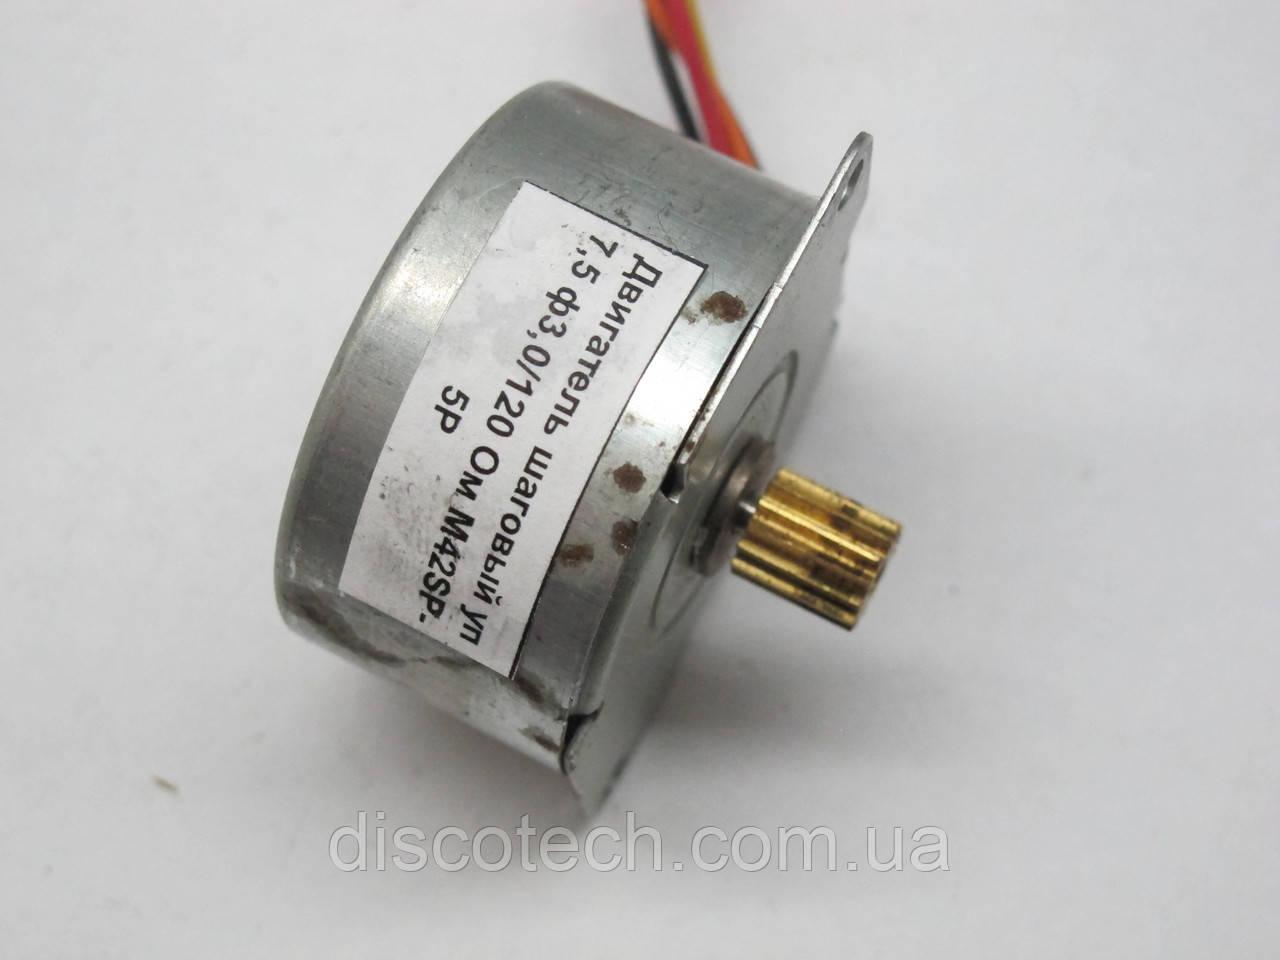 Двигатель шаговый уп 7,5 ф3,0/120 Ом M42SP-5P